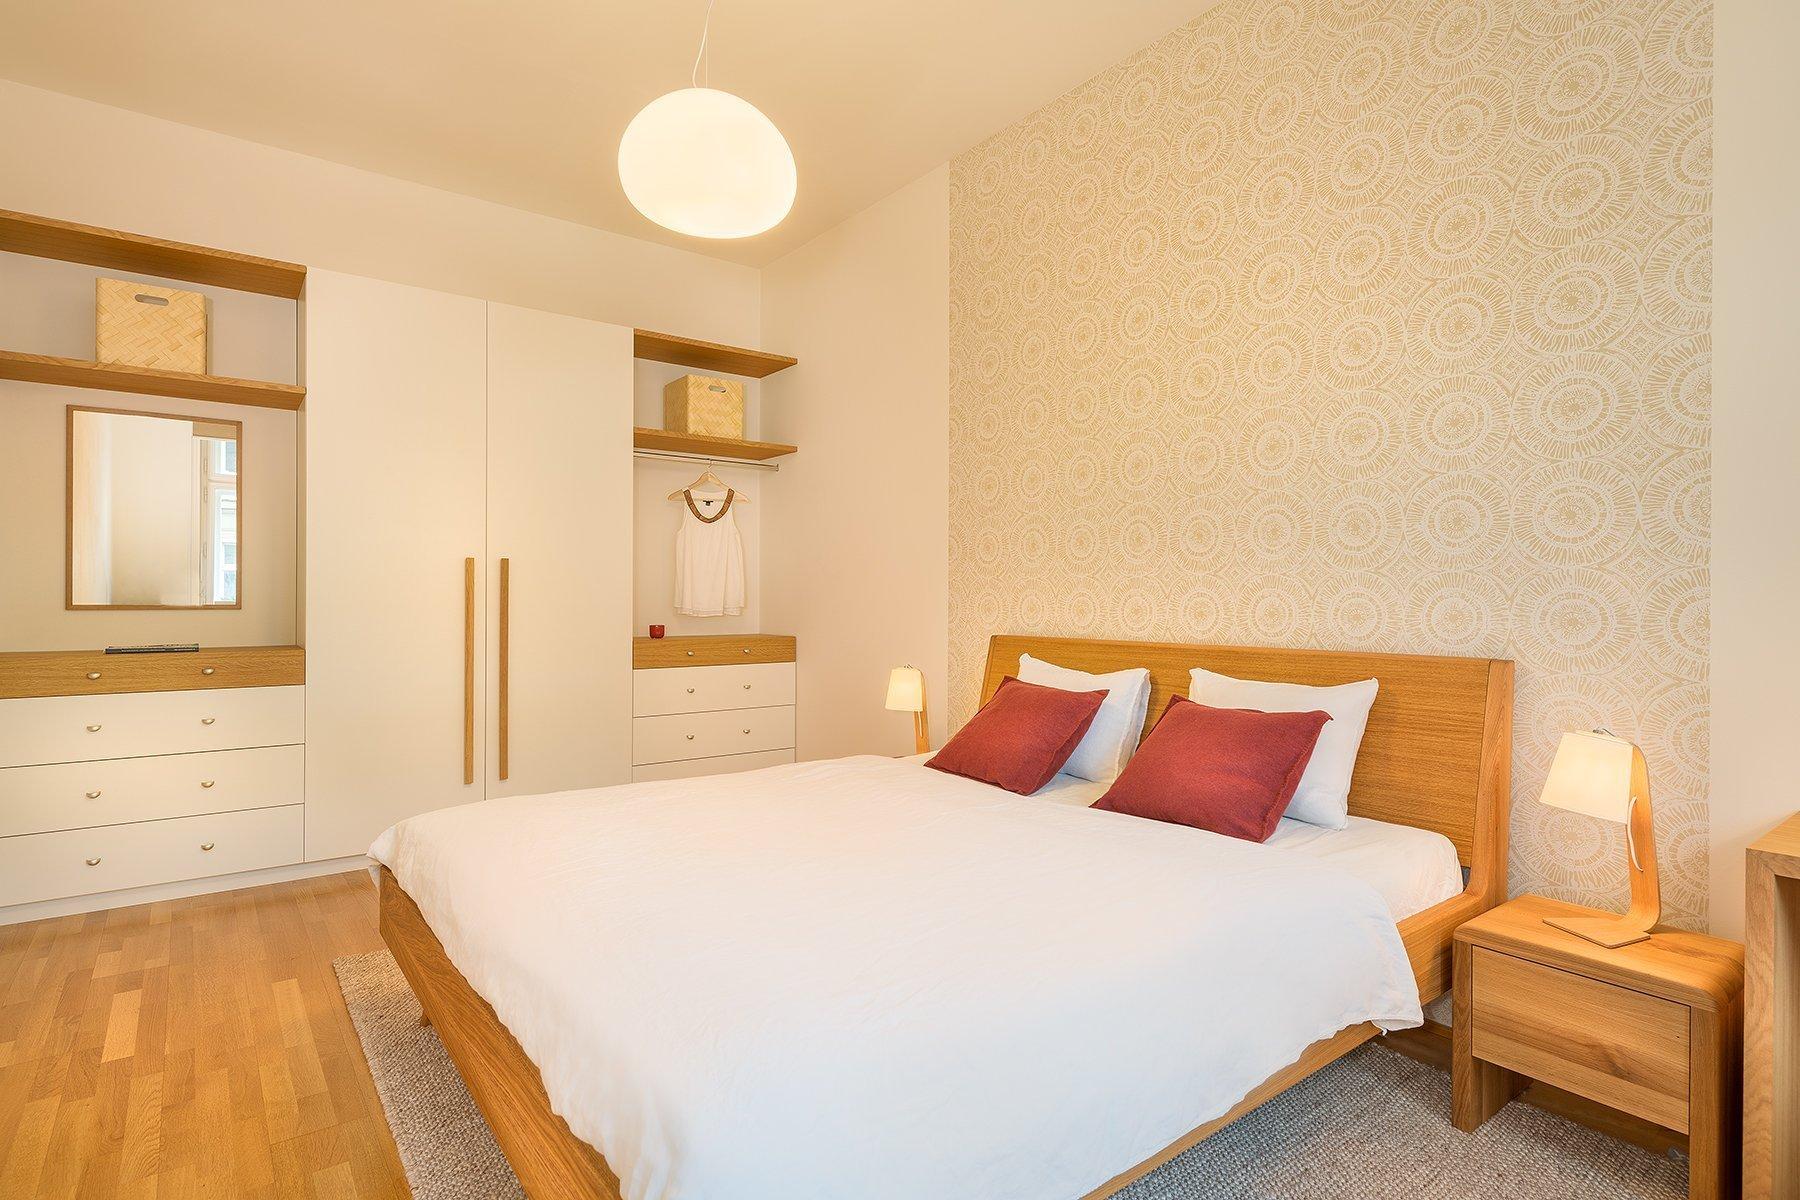 Třípokojový byt v Praze na Vinohradech. Vesele laděný obývací pokoj pro rodinu s využitím přírodních materiálů, kontrastních barev, uměleckých děl a masivních…